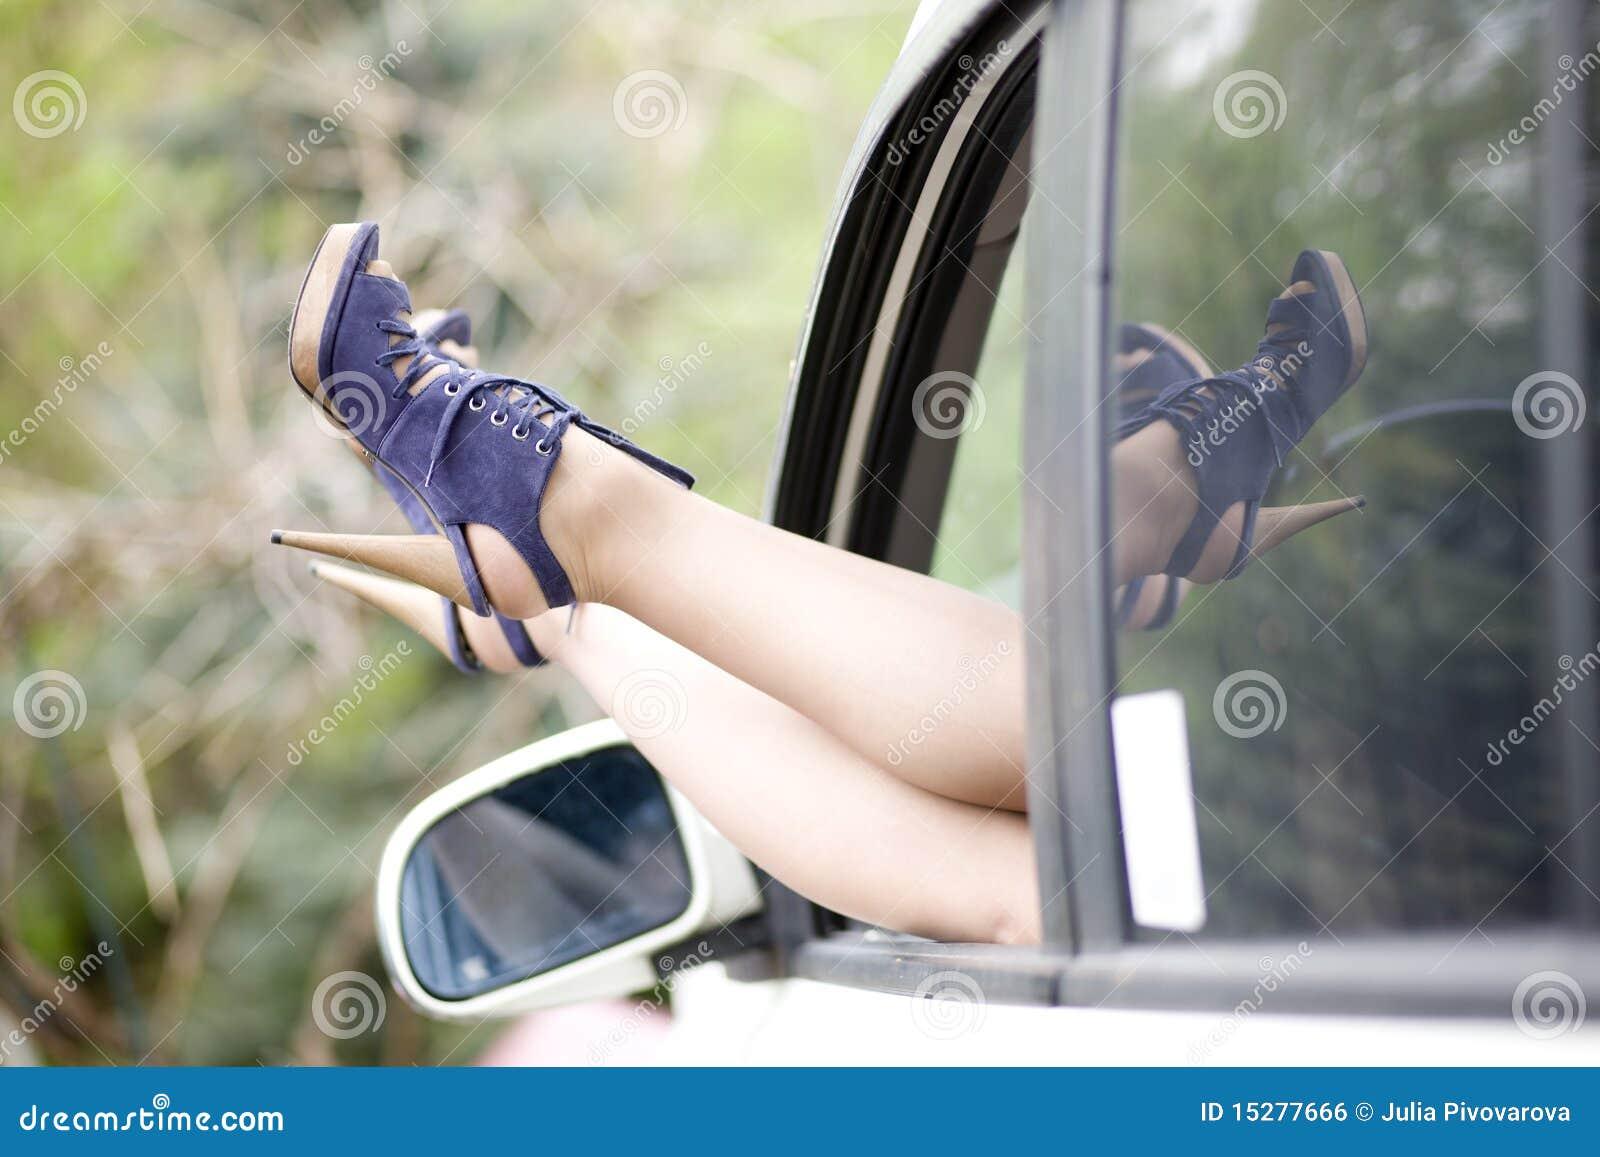 Расплата сексом за машину, За ремонт компьютера расплатилась своей жопой 27 фотография